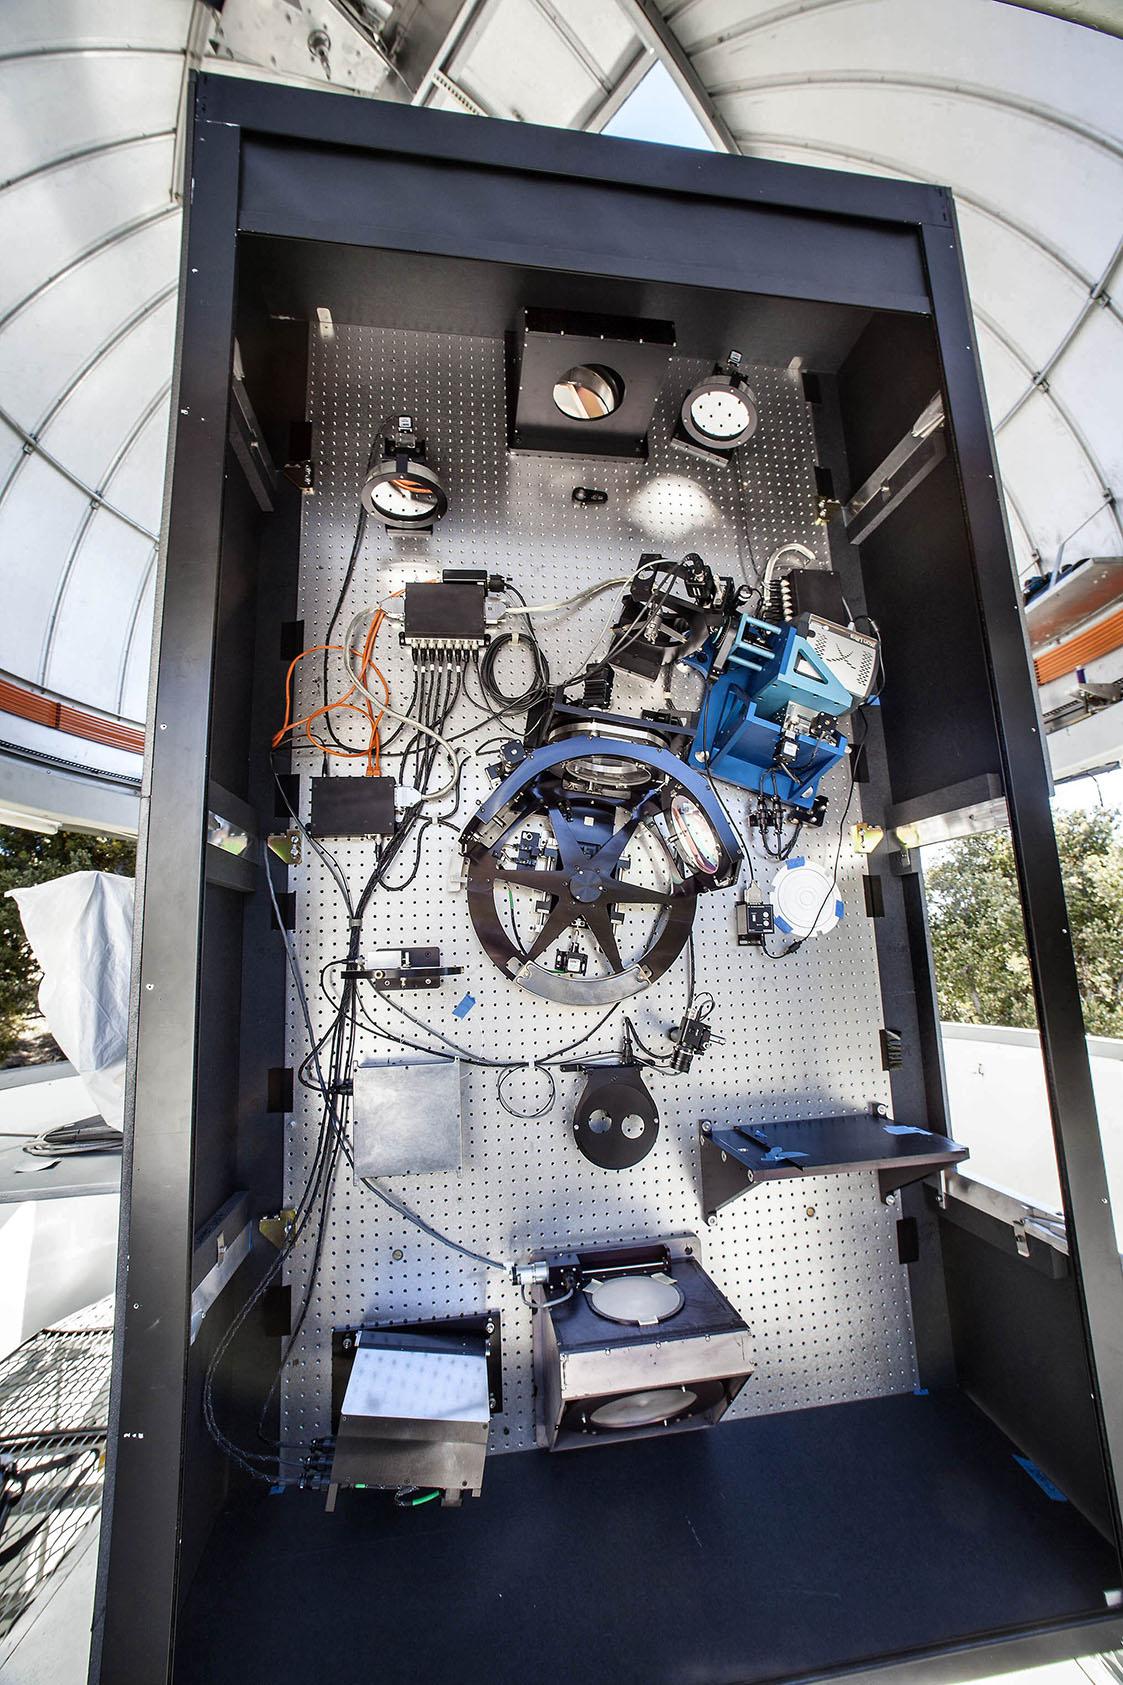 Installation of adaptive optics bench on the CHARA telescopes.